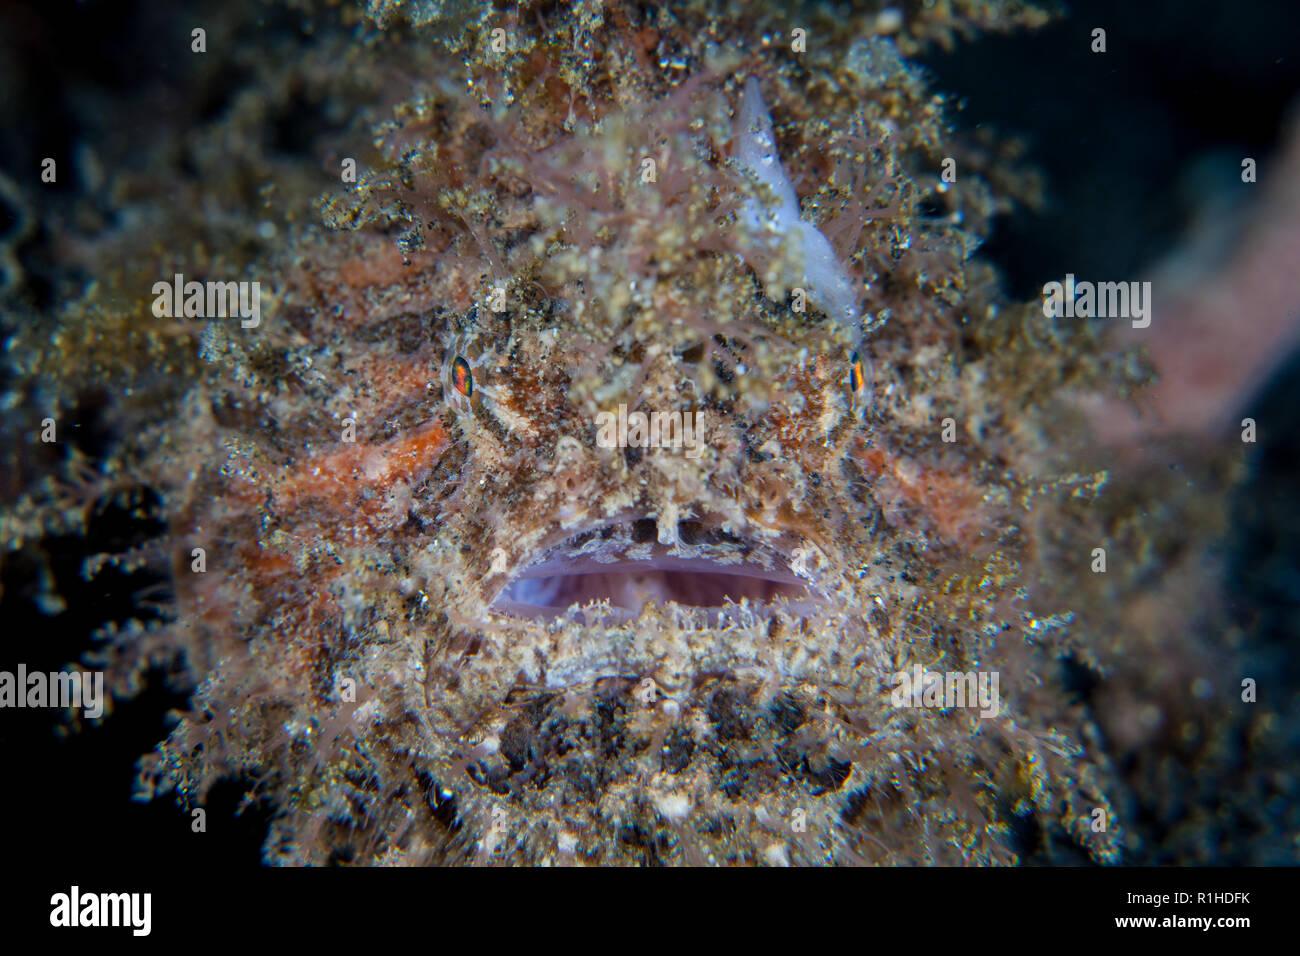 Una rana pescatrice striato, Antennarius striatus, utilizza la sua incredibile camouflage per fondersi con l'ambiente sottomarino nello stretto di Lembeh, Indonesia. Immagini Stock